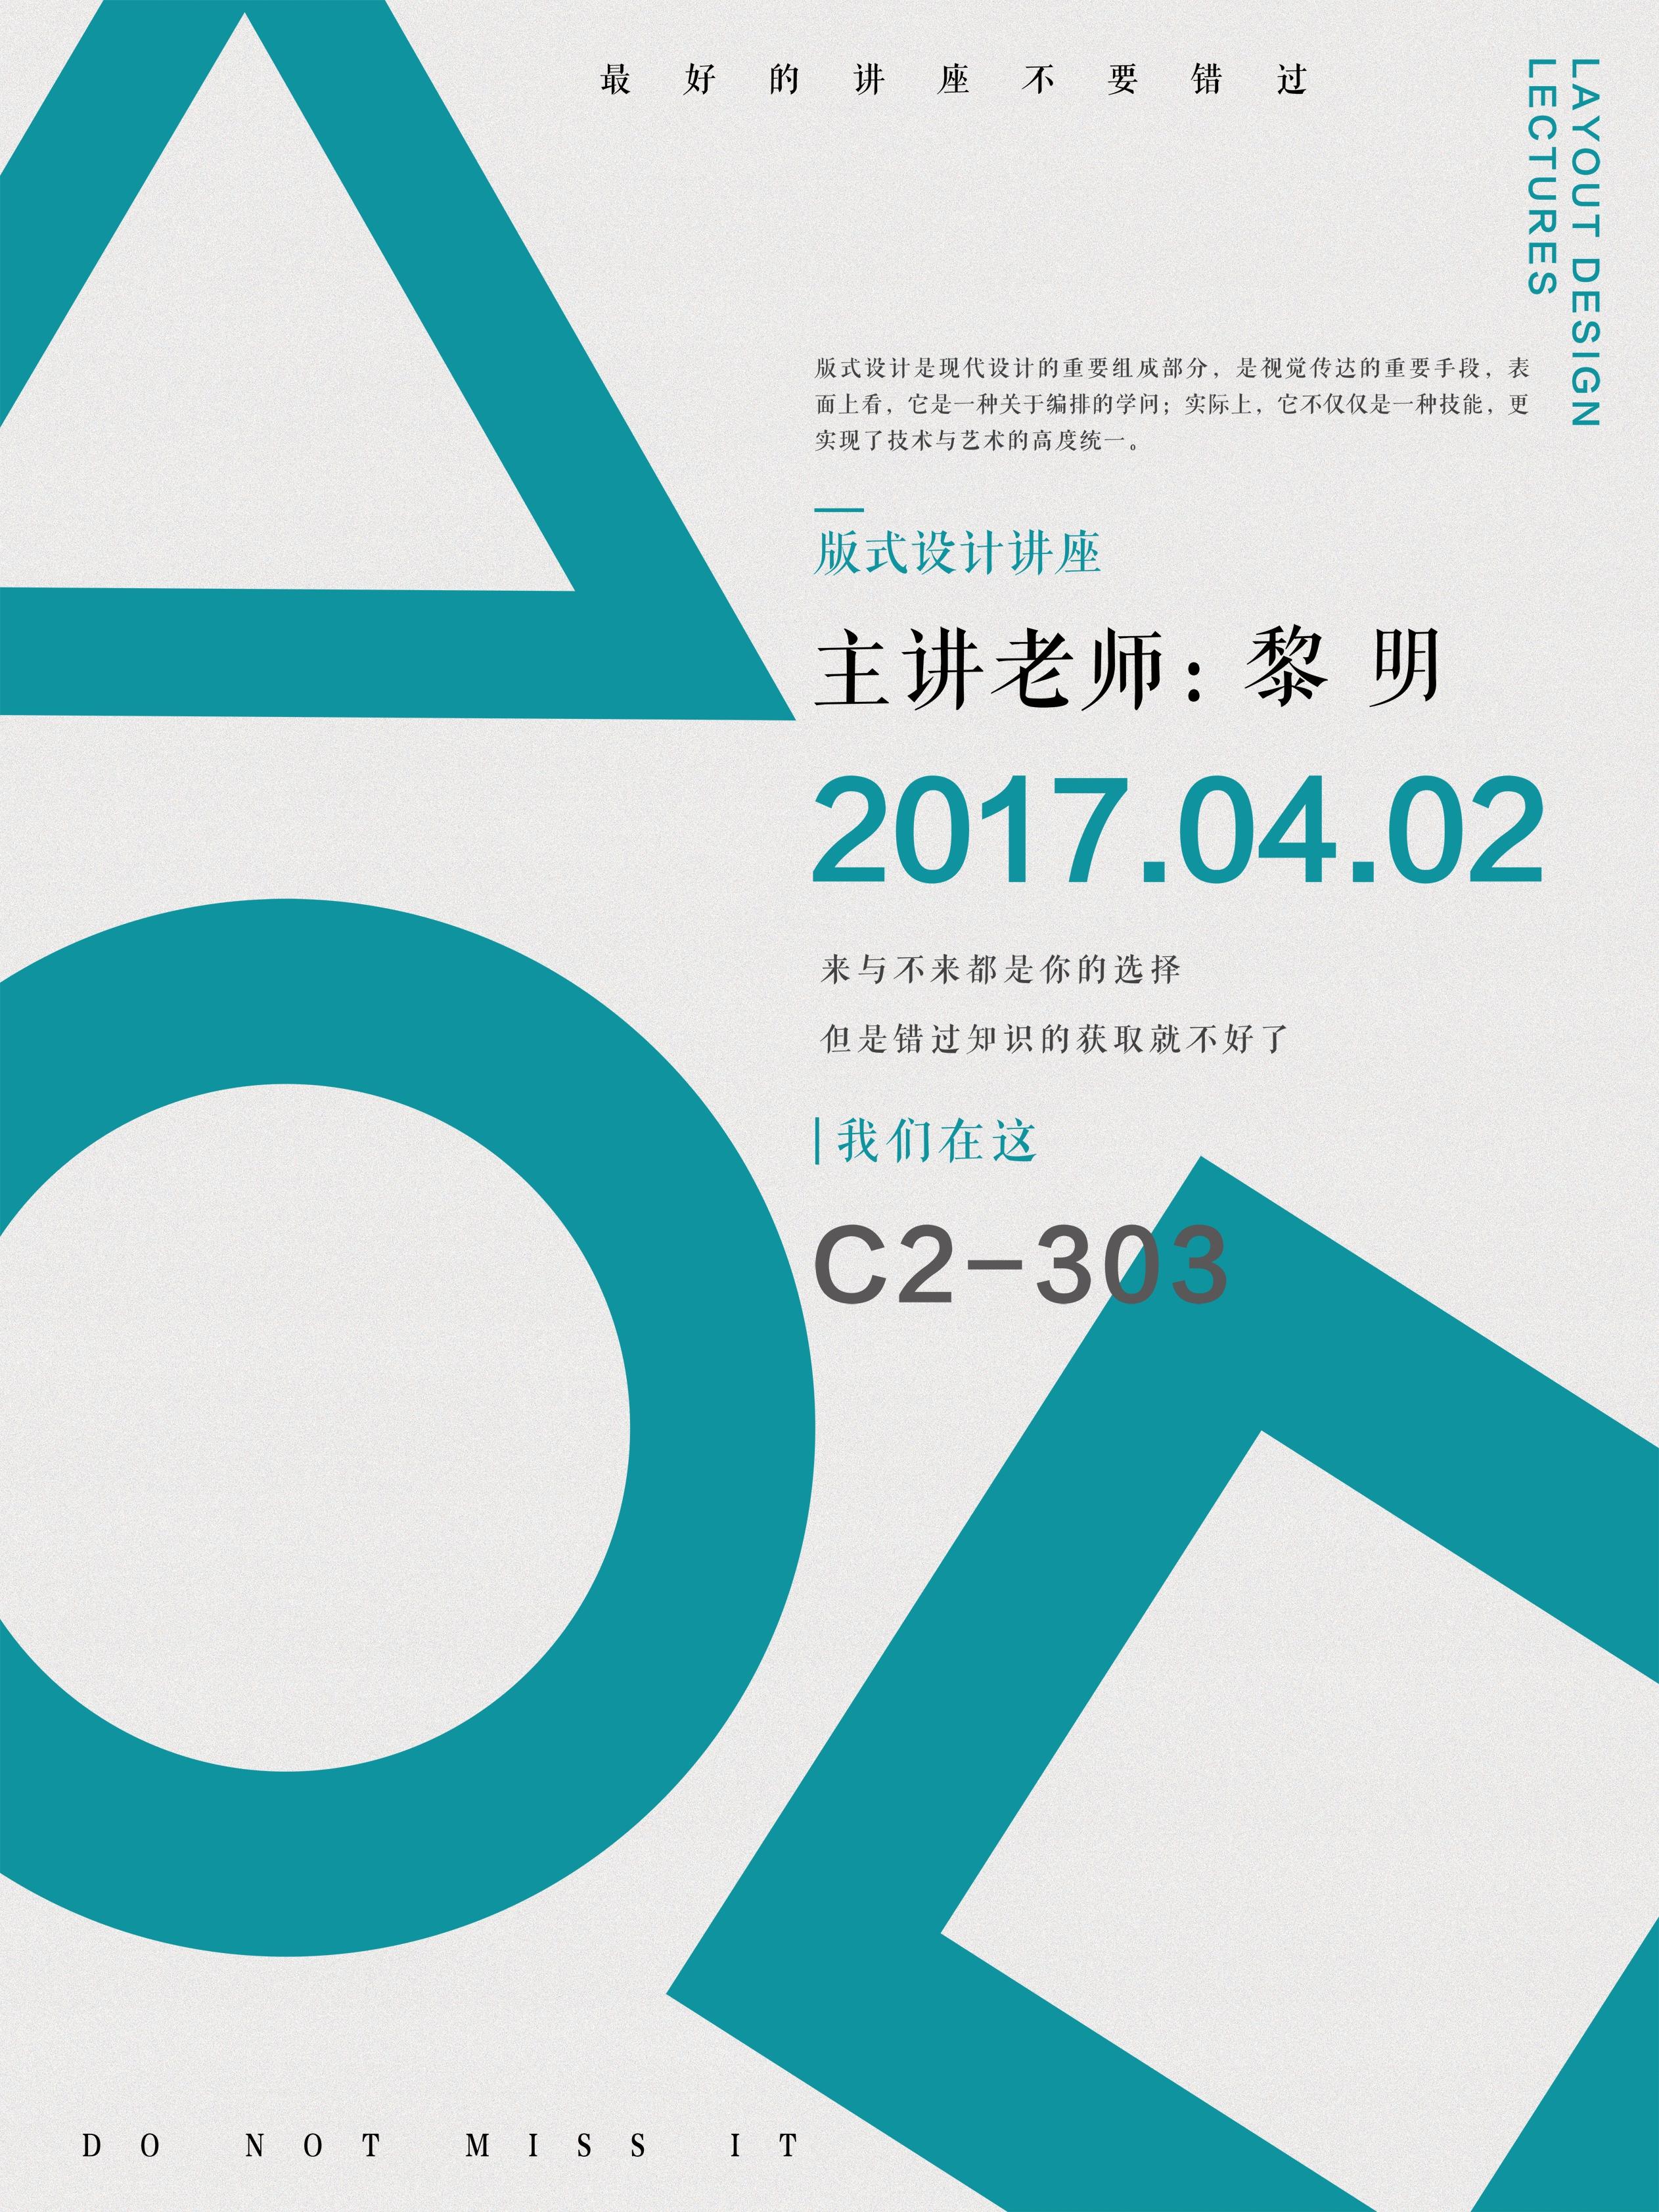 创意版式海报v版式ted演讲建筑设计图片